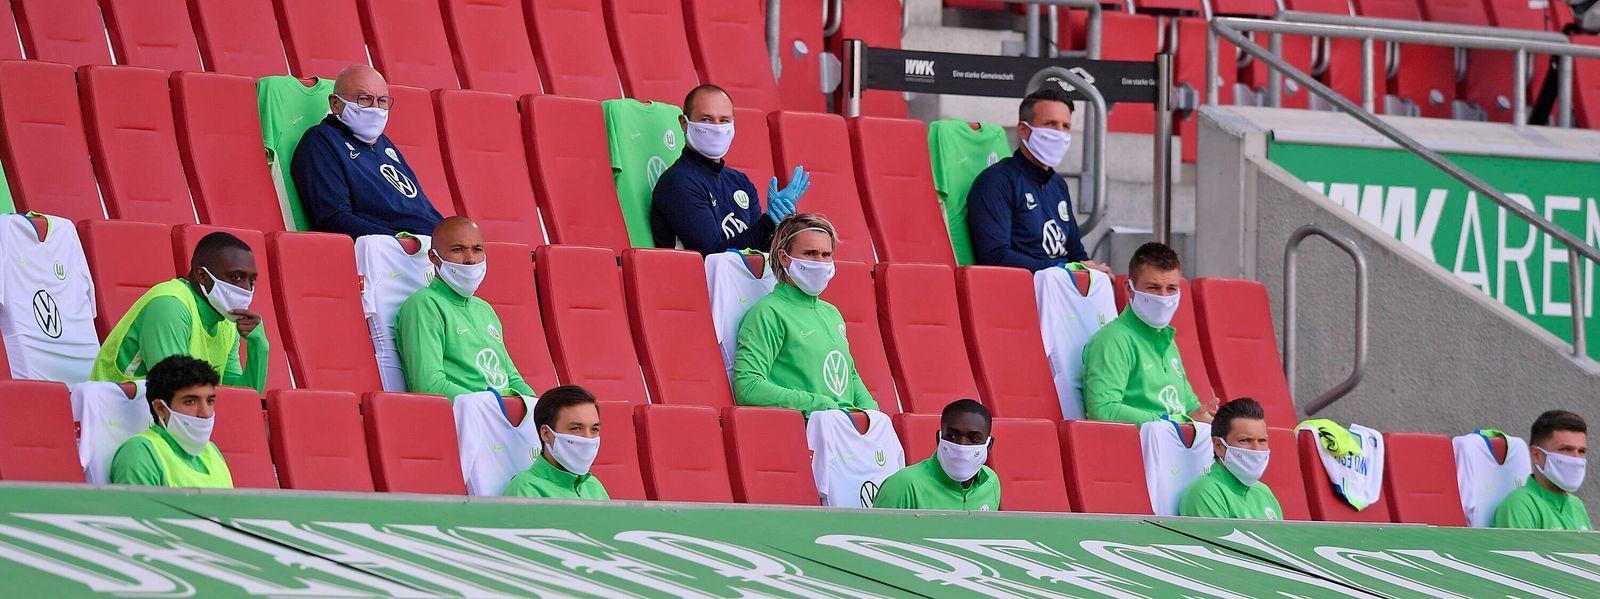 16.05.2020, FC Augsburg - VfL Wolfsburg 16.05.2020, Fussball 1. Bundesliga 2019/2020, 26. Spieltag, FC Augsburg - VfL W